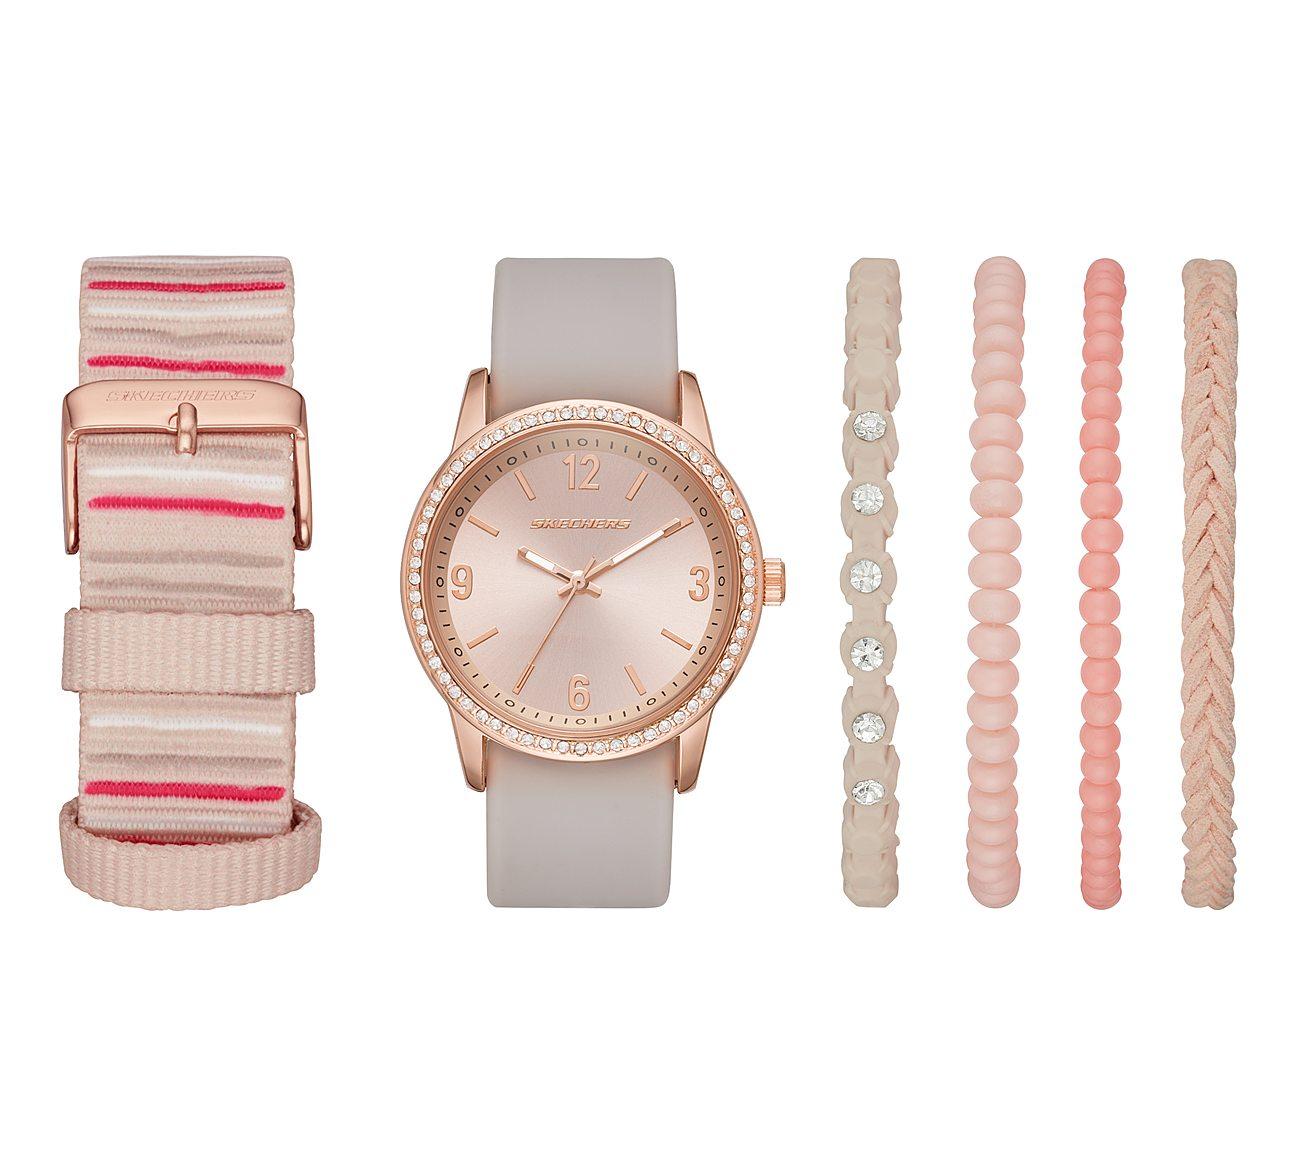 Metallic Watch Giftset